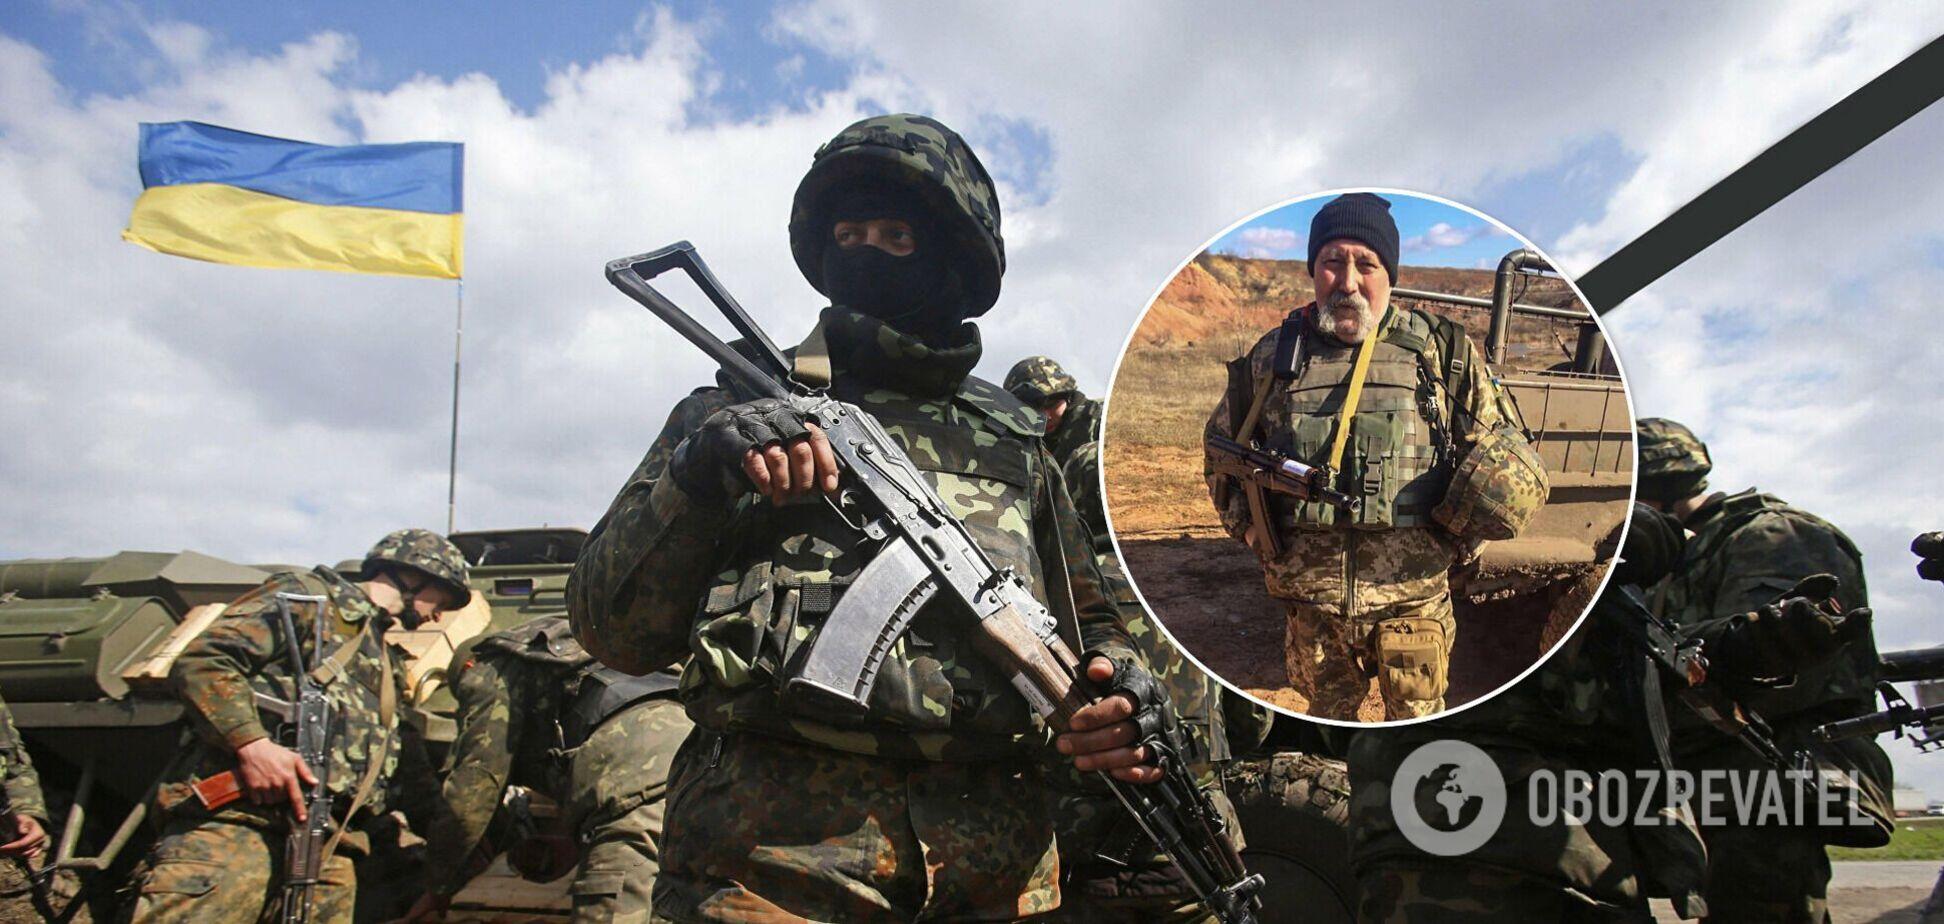 Стало відомо ім'я загиблого на Донбасі захисника України: він був медиком. Фото